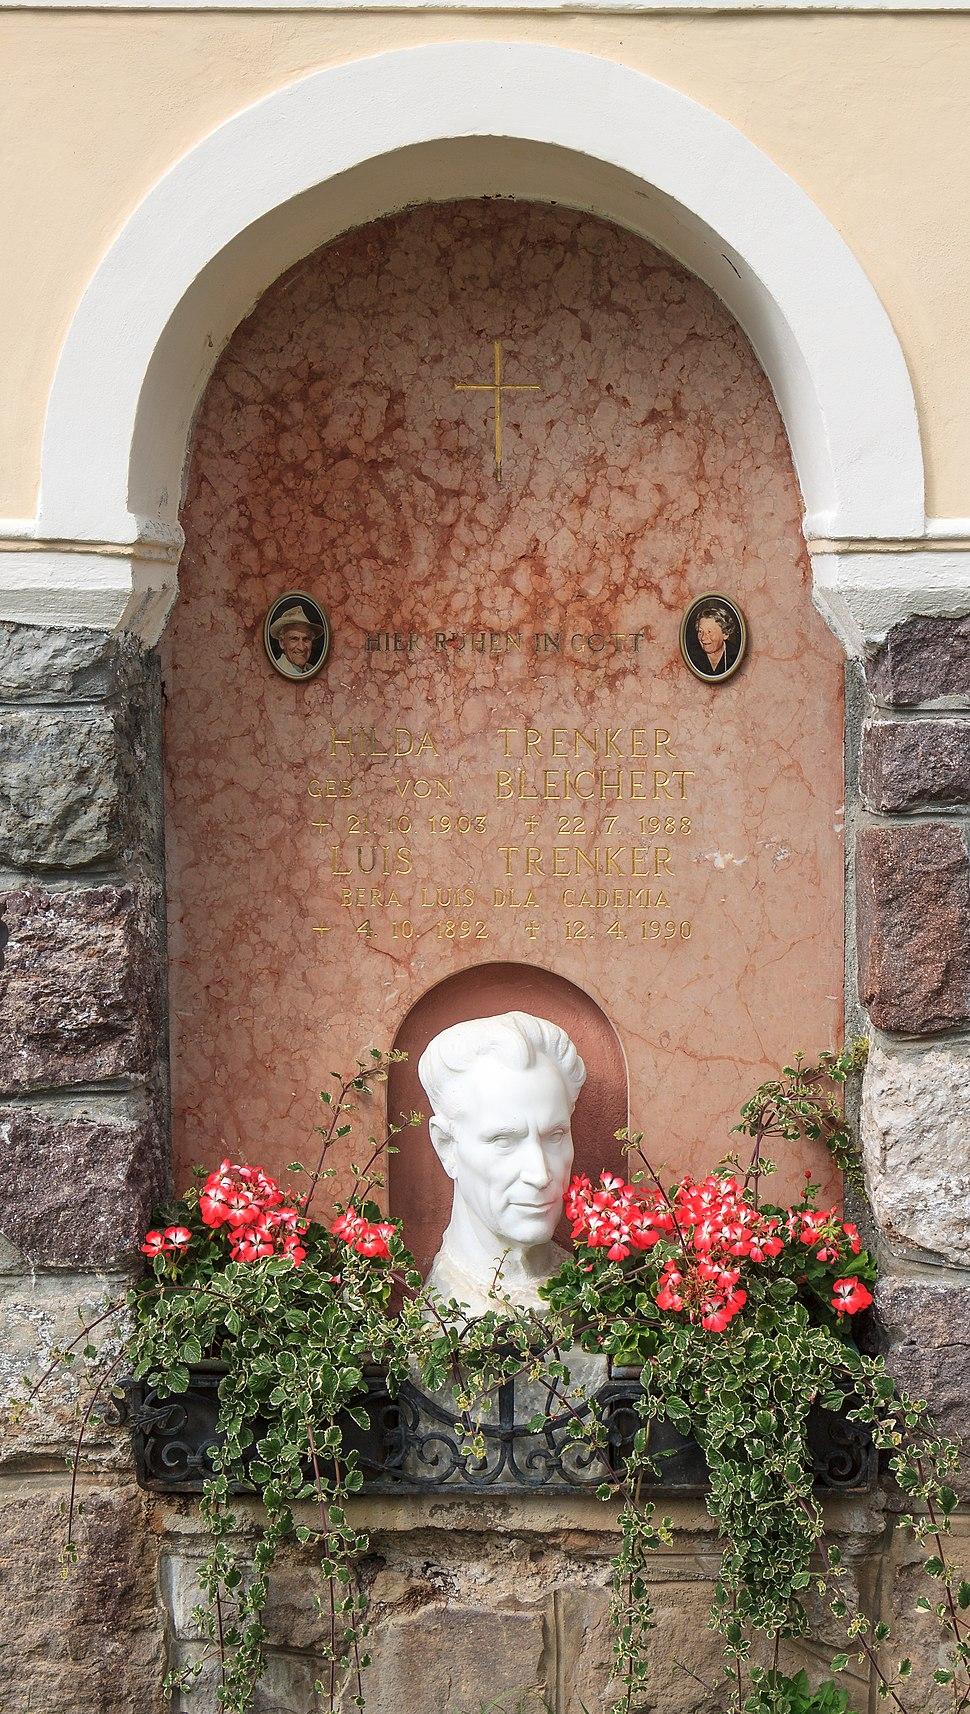 Trenker memorial plaque - Urtijëi